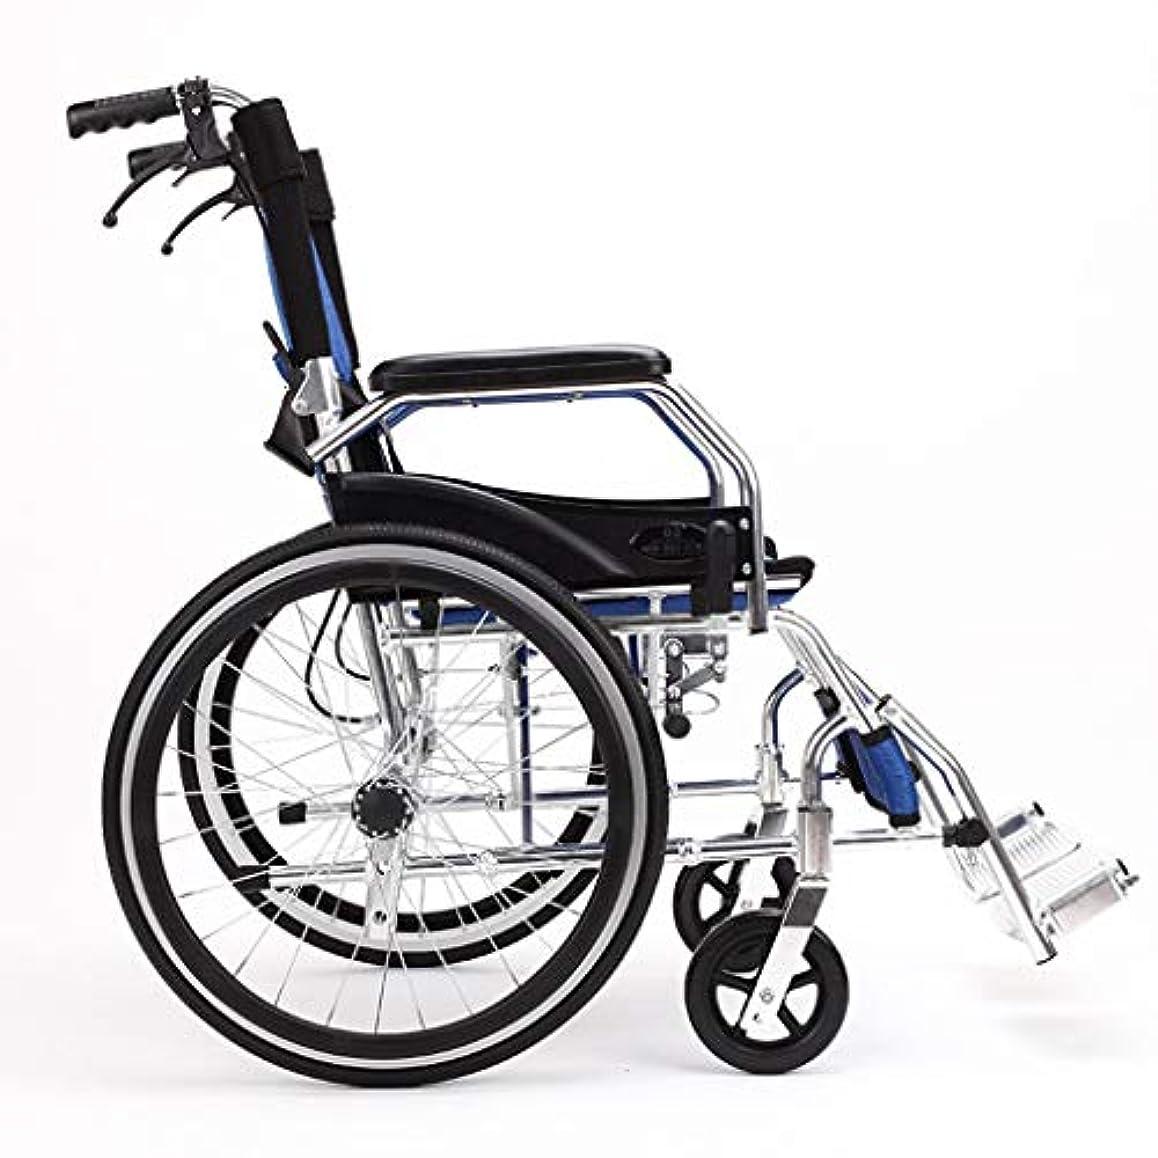 実質的に言語複数折りたたみ式車椅子超軽量ポータブル、20インチPUタイヤ、高齢者障害者手押し車椅子